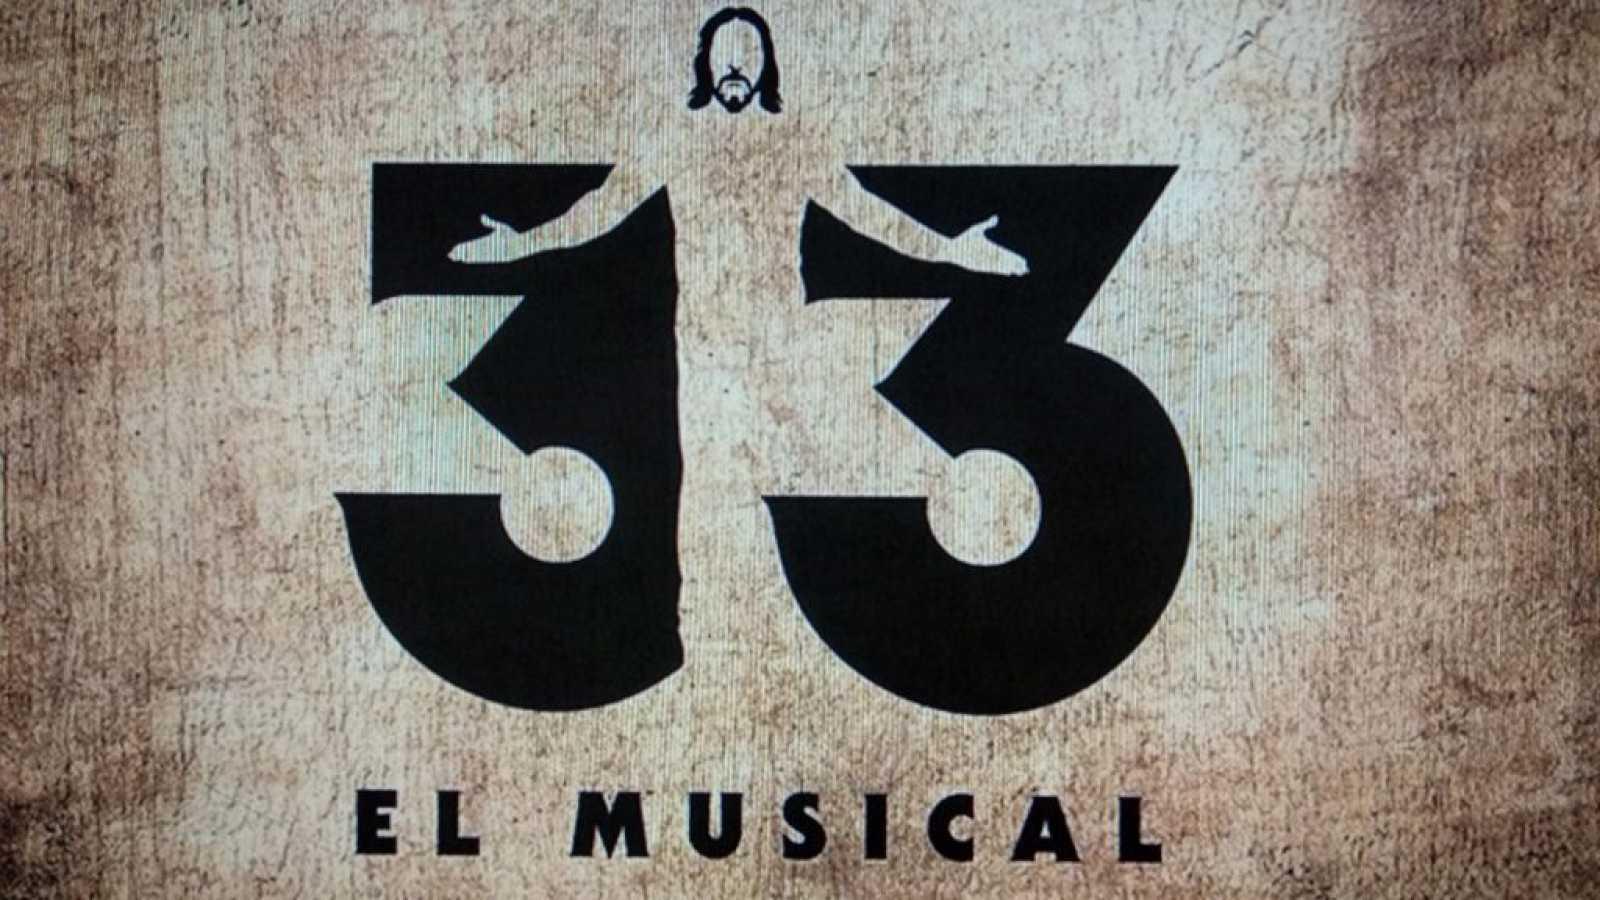 Esto me suena - 33, el musical - Escuchar ahora